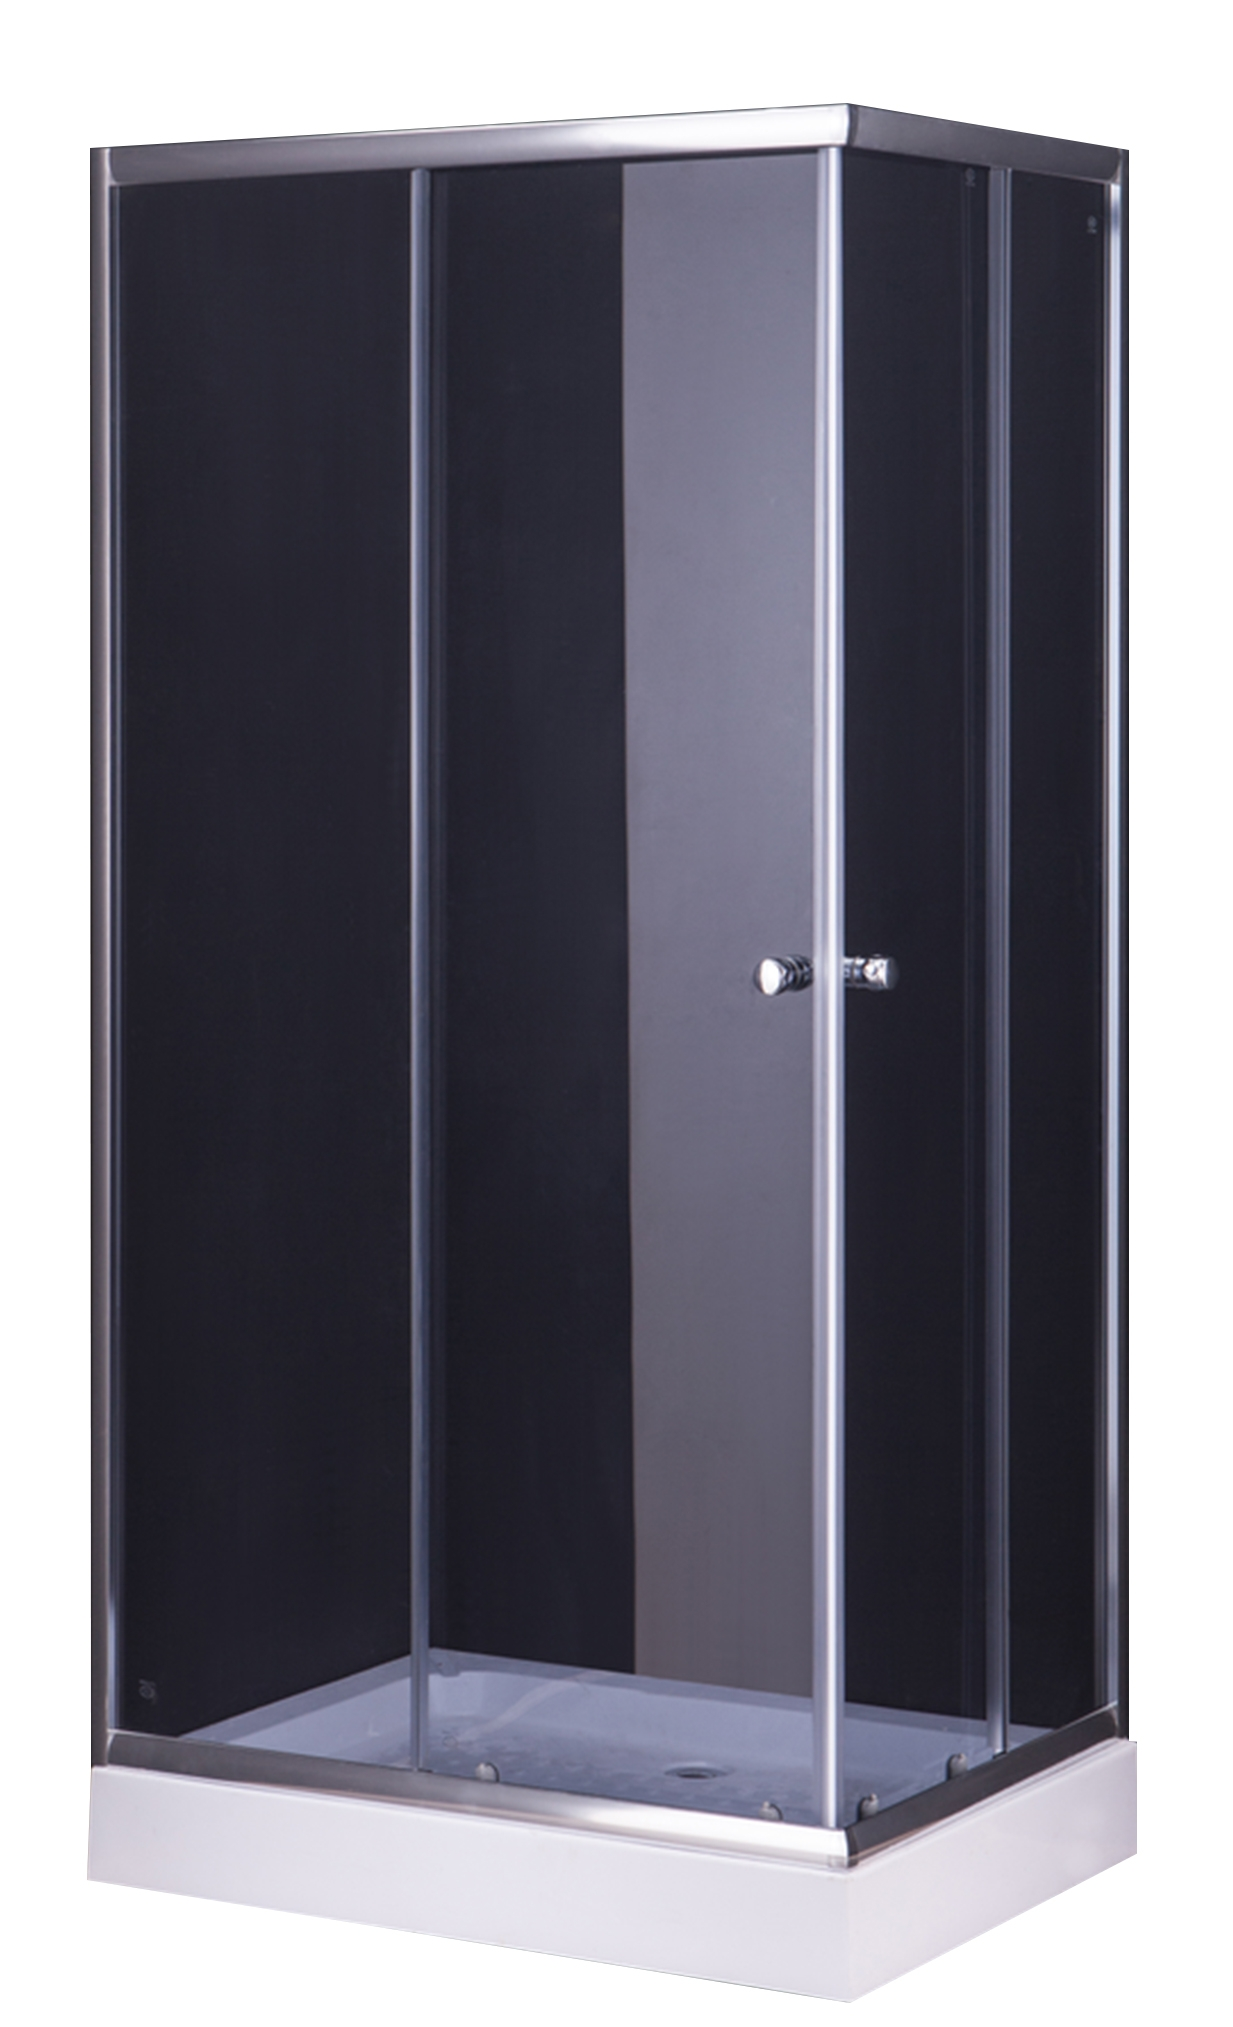 Well TRENTO 100x70 W52550 Sprchový kout s nízkou vaničkou